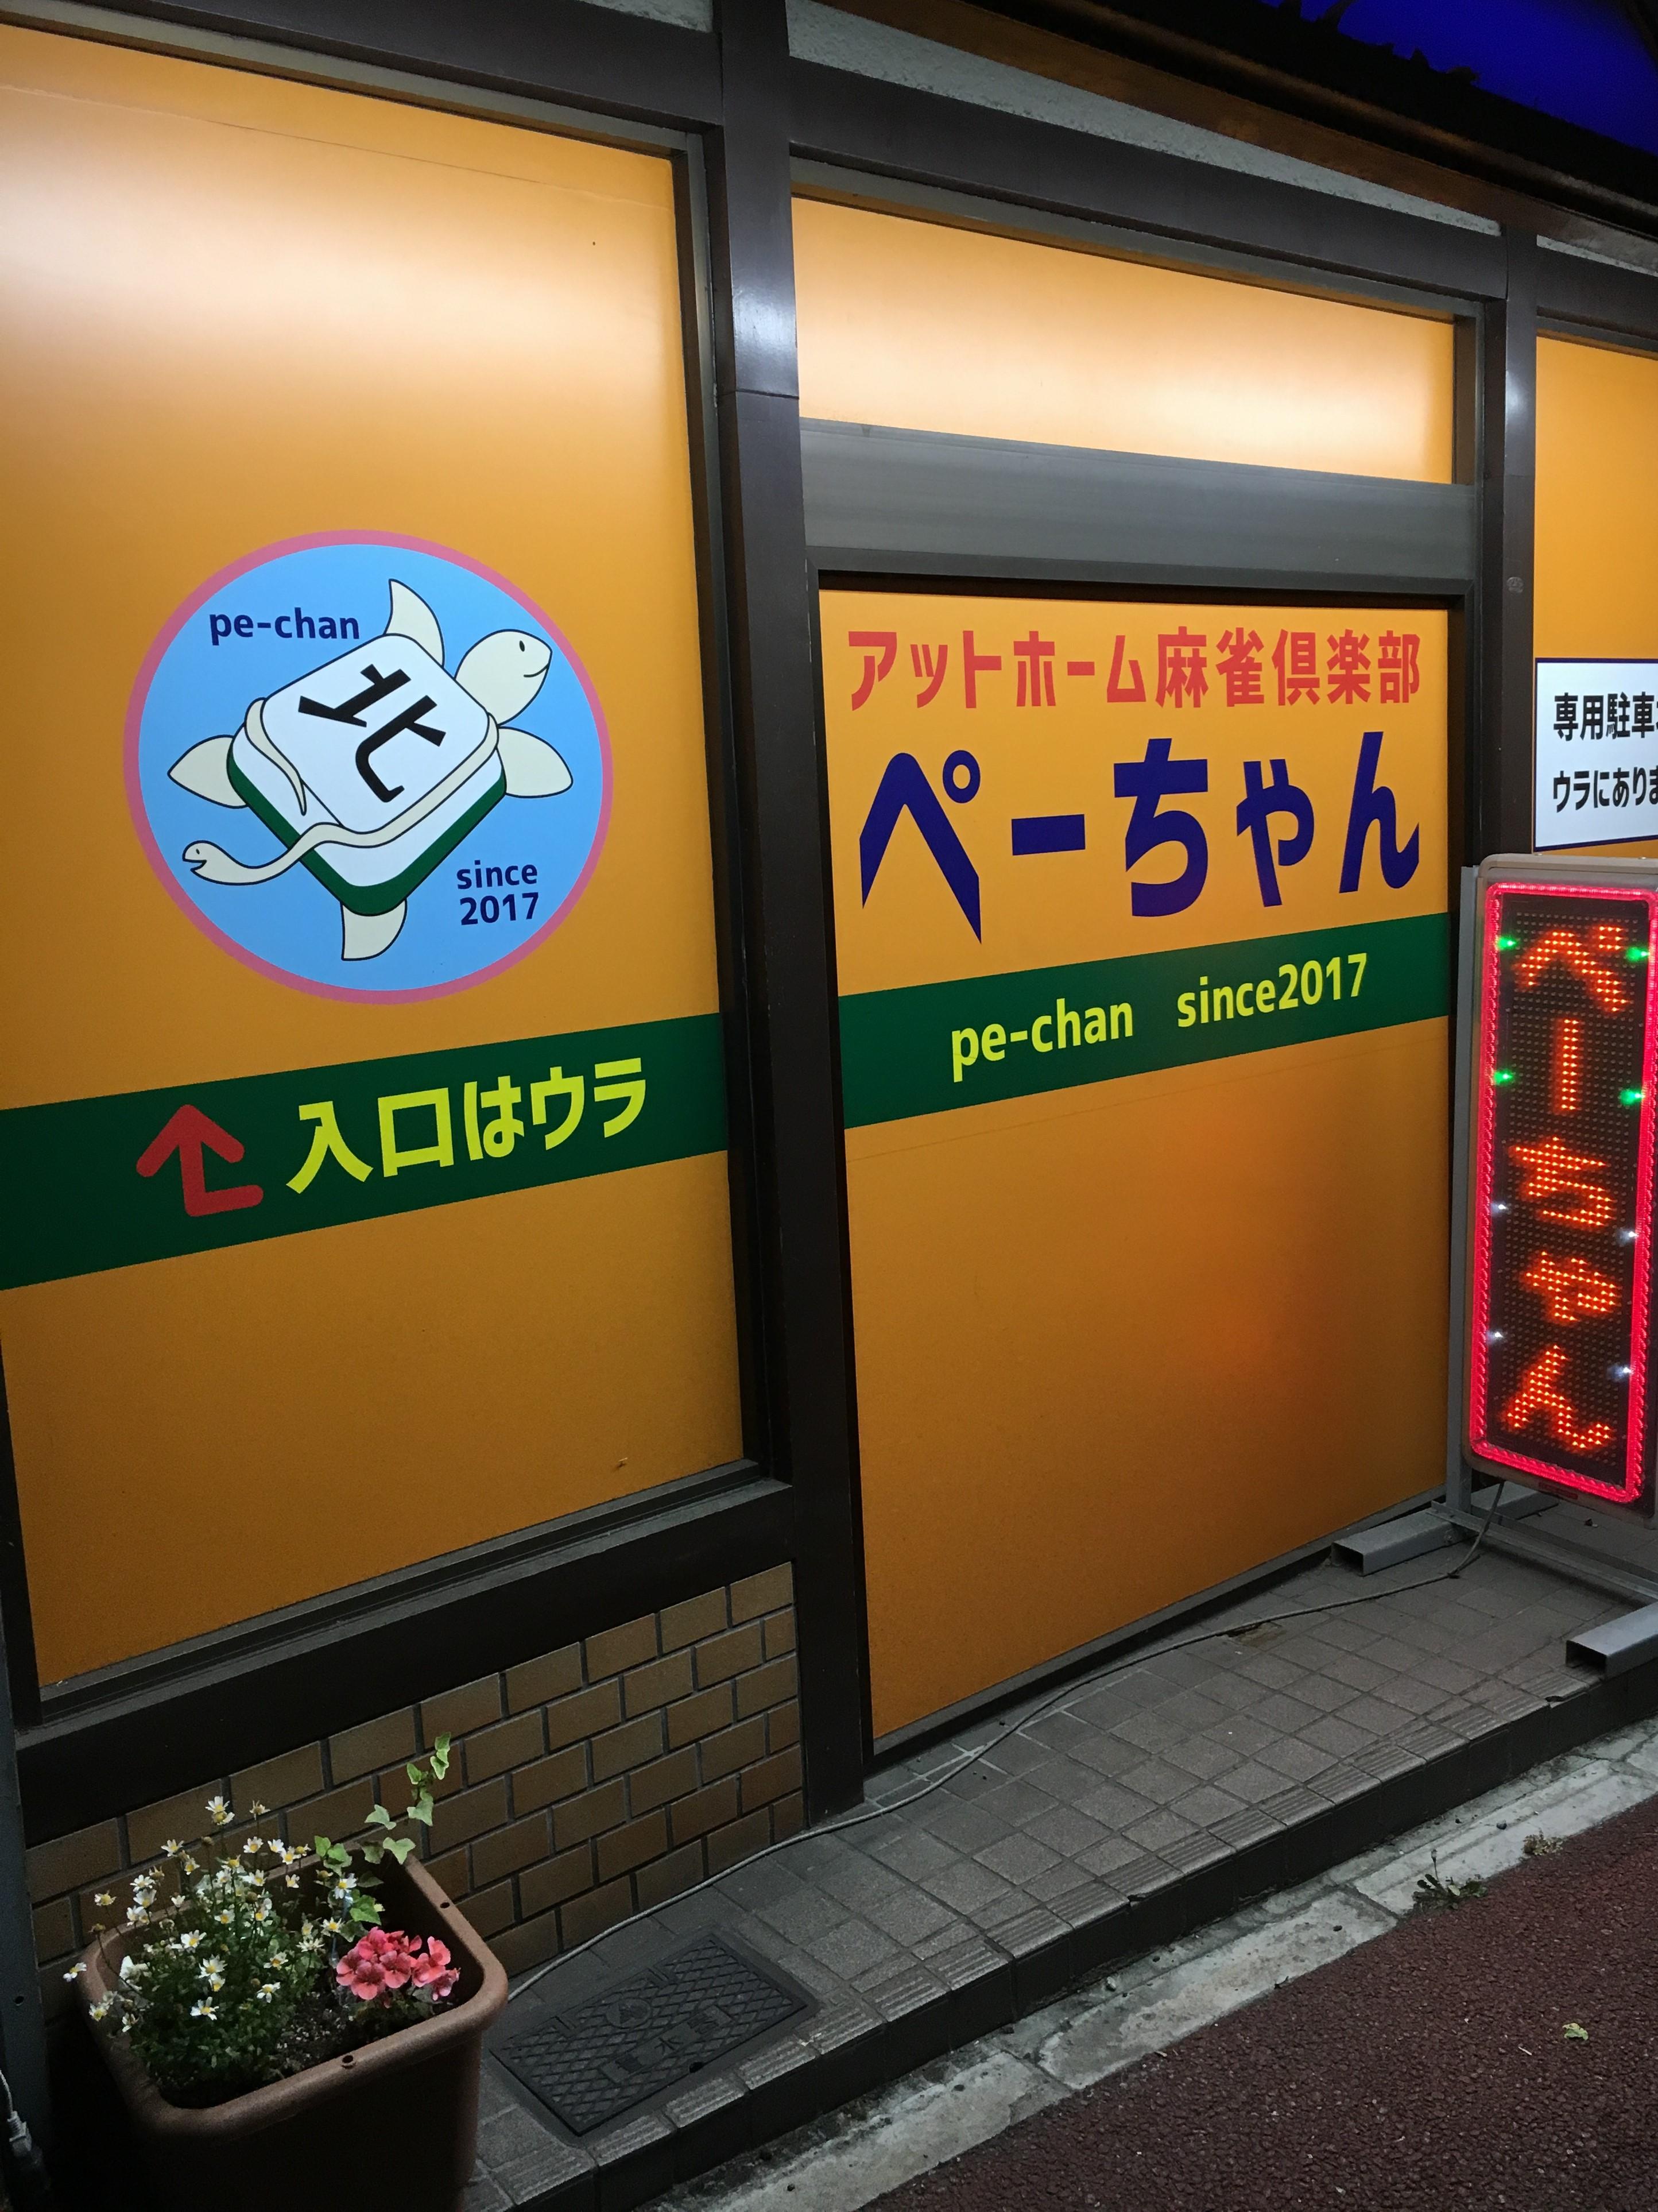 雀荘 アットホーム麻雀倶楽部ぺーちゃんのロゴ